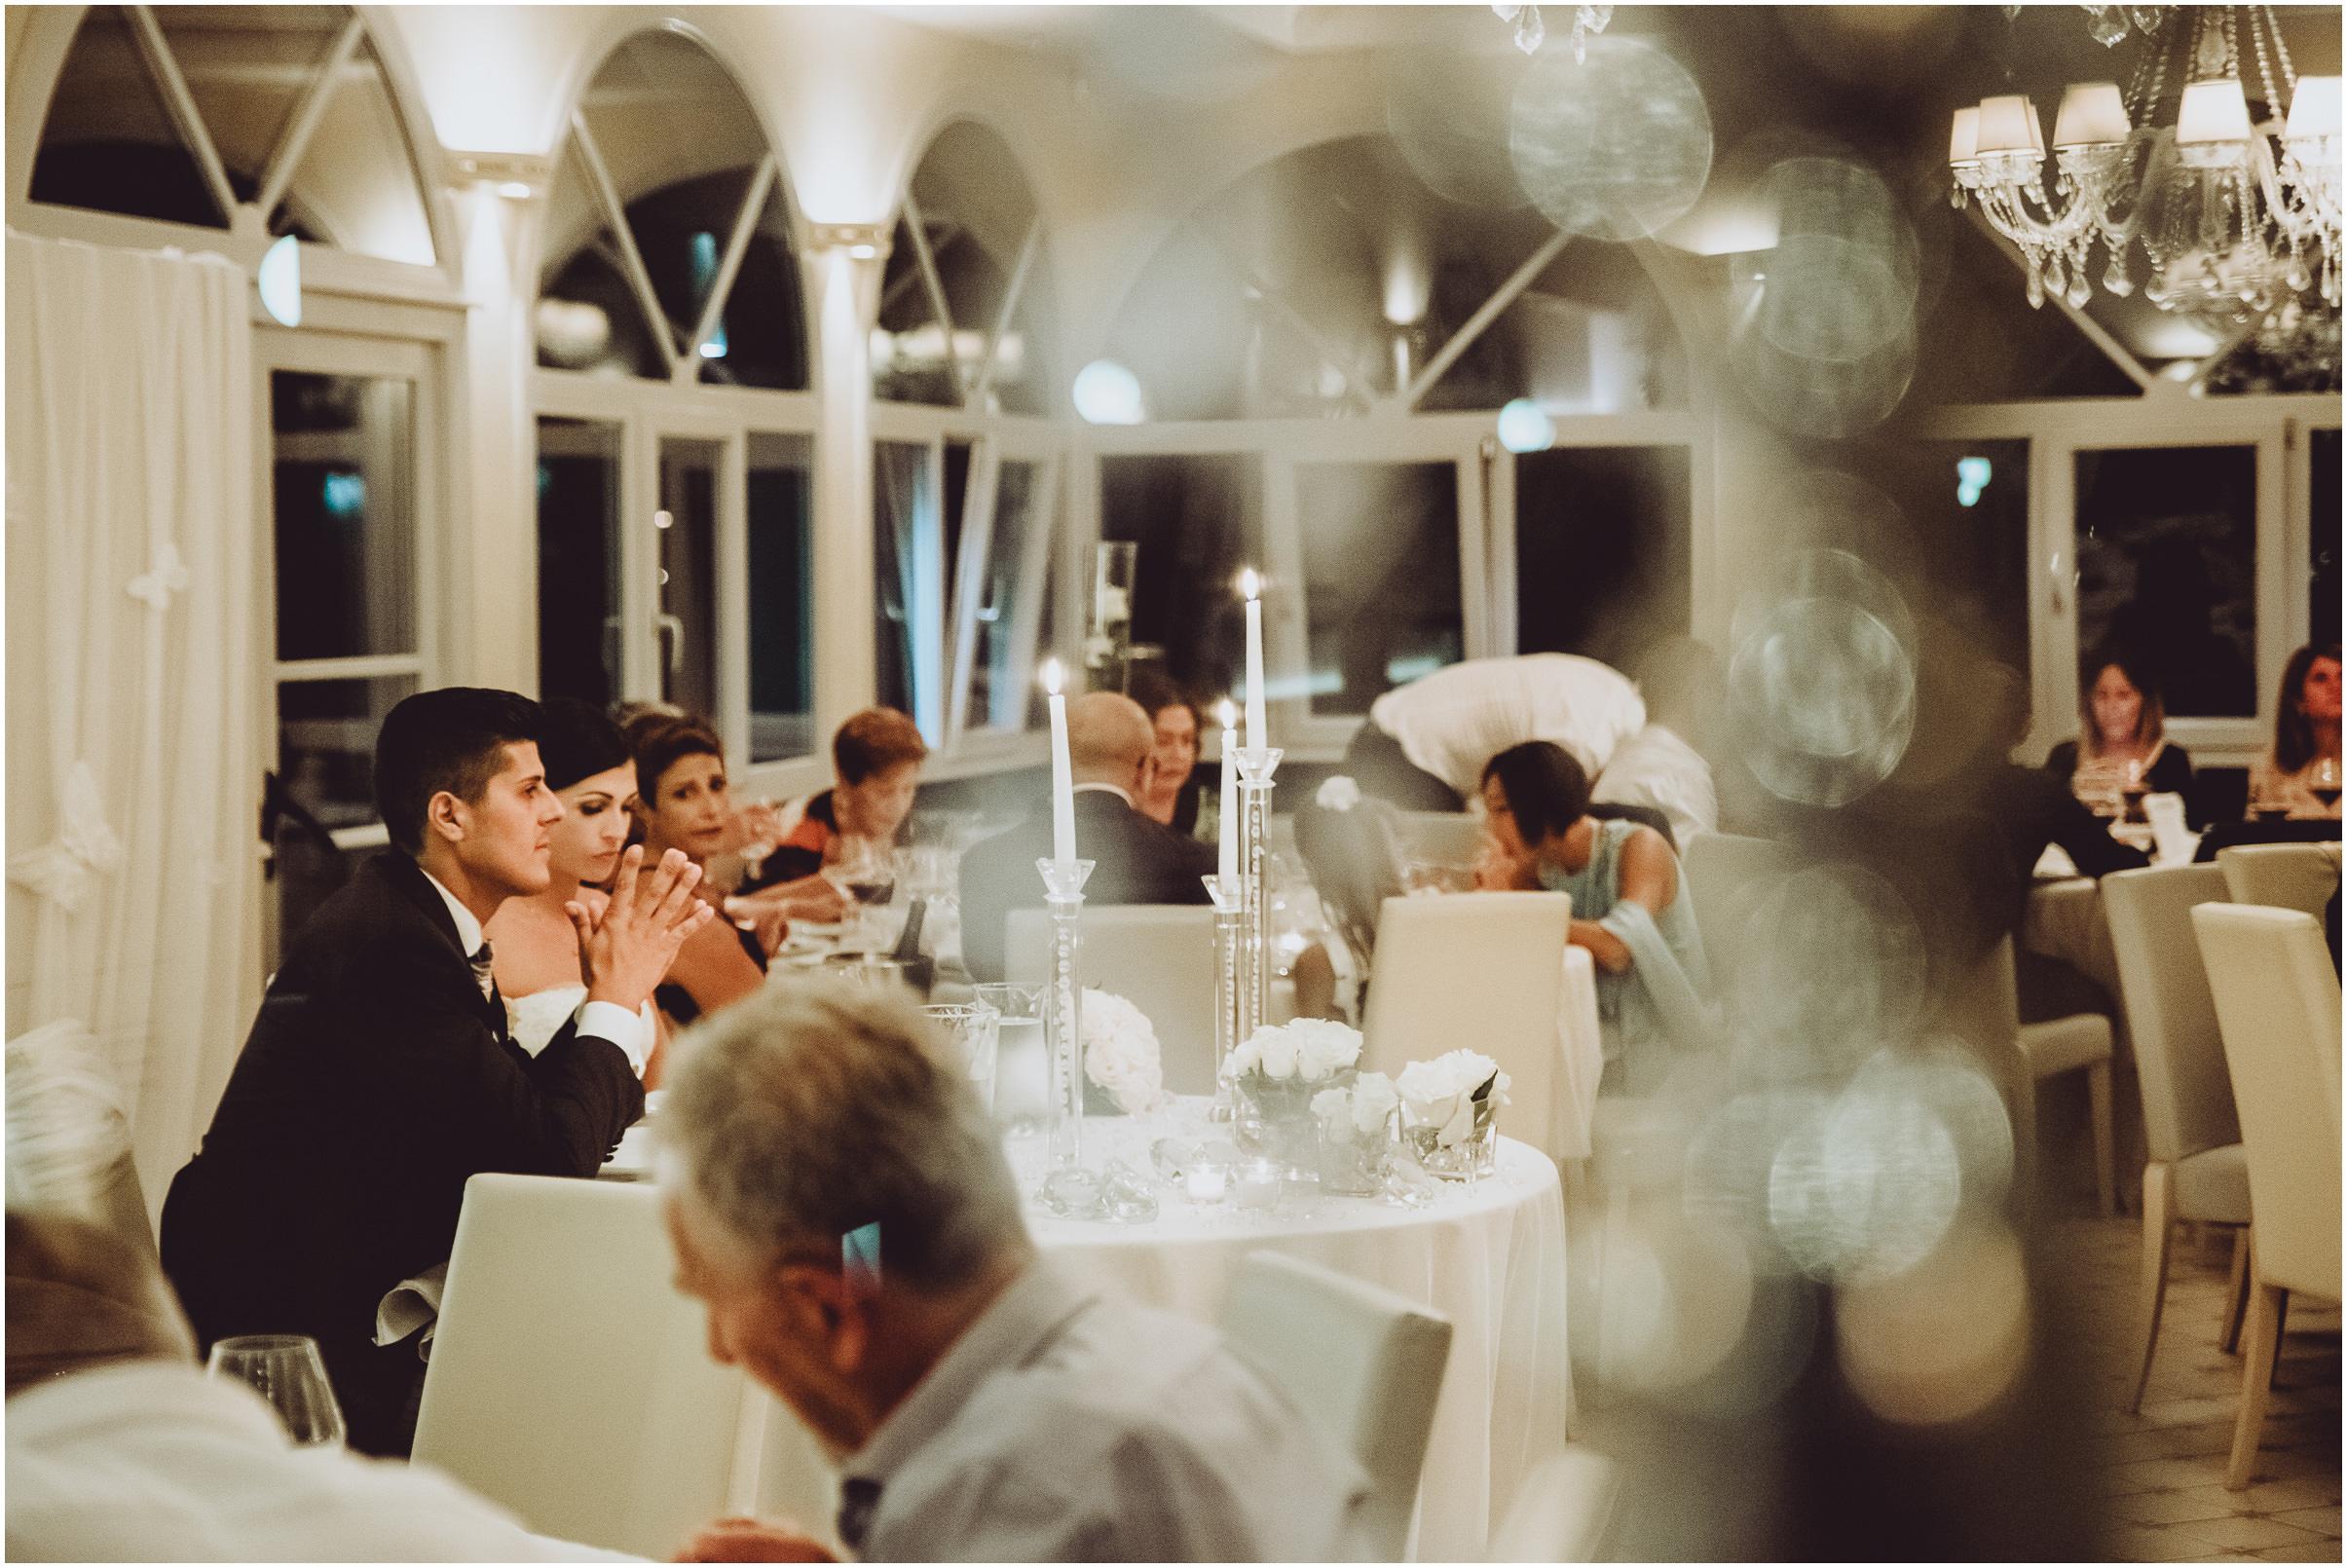 WEDDING-PHOTOGRAPHY-SARA-LORENZONI-FOTOGRAFIA-MATRIMONIO-AREZZO-TUSCANY-EVENTO-LE-SPOSE-DI-GIANNI-ELISA-LUCA057